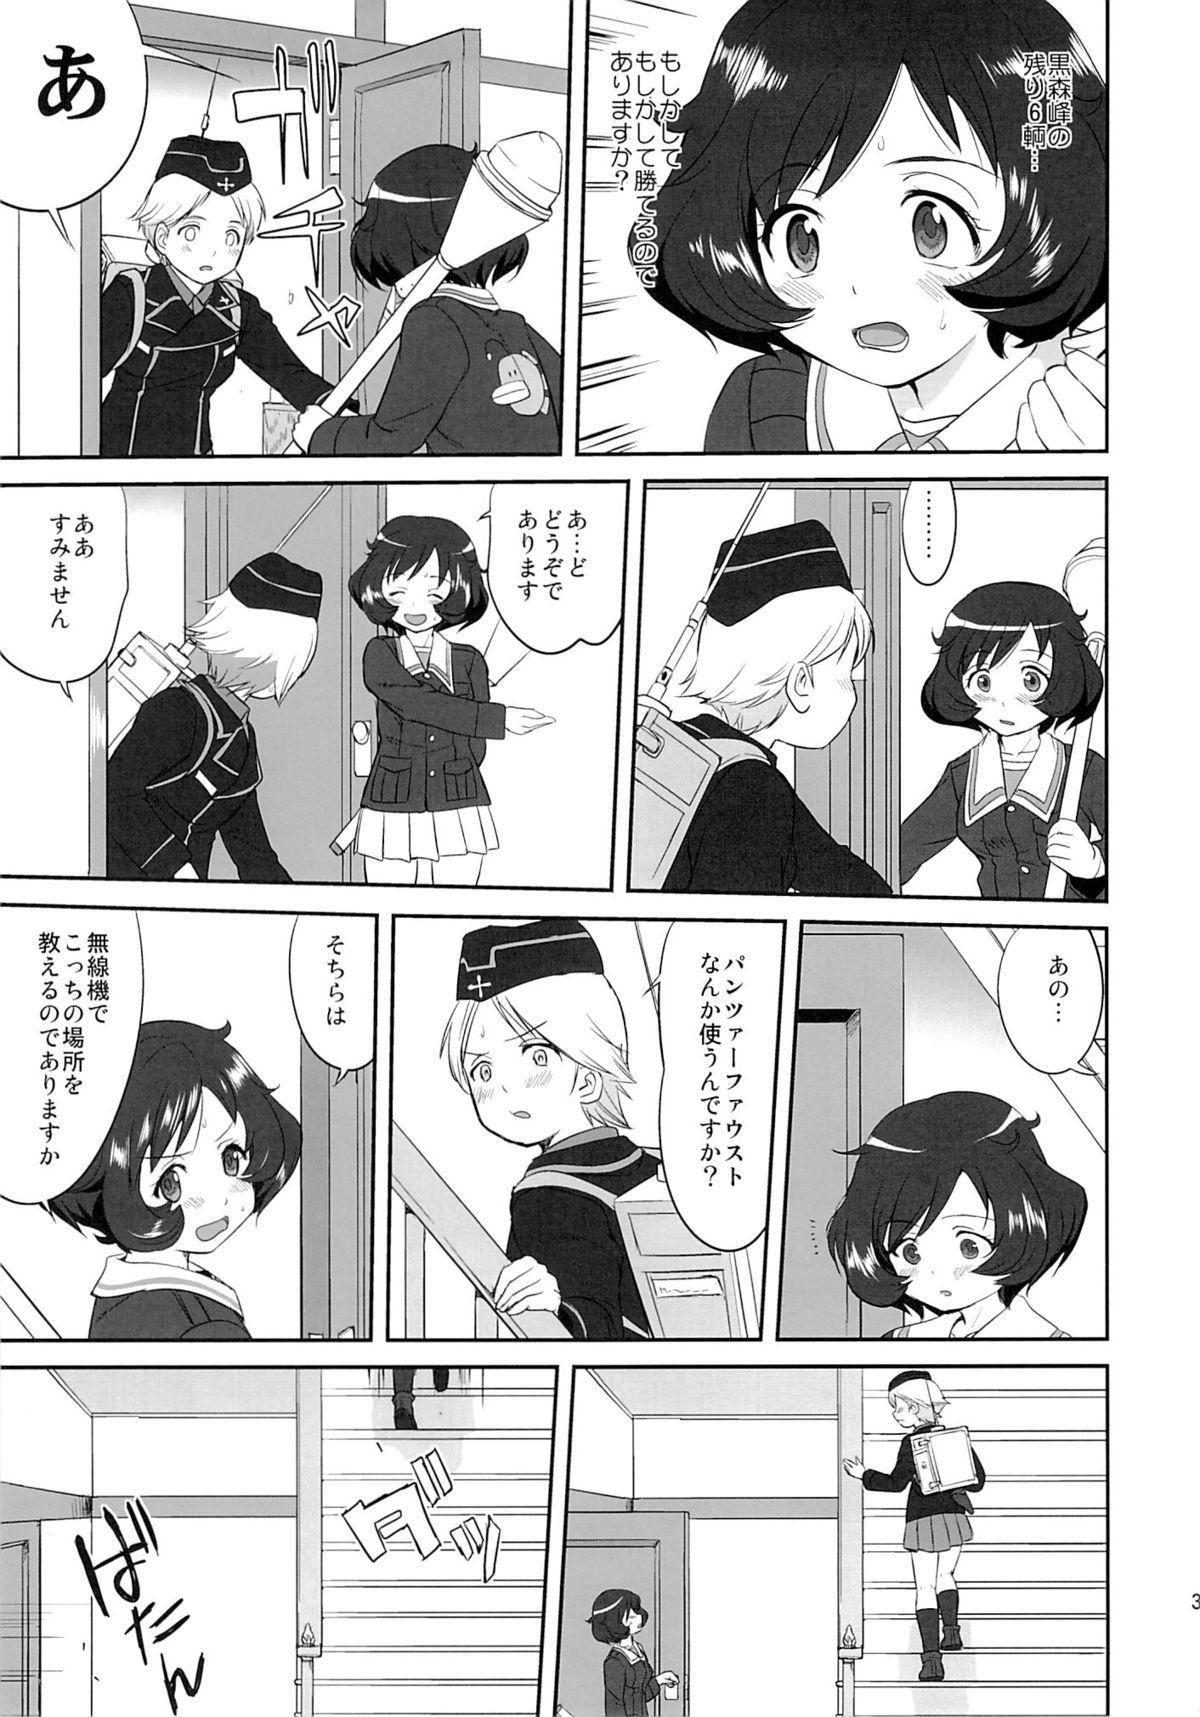 Yukiyukite Senshadou Kuromorimine no Tatakai 37